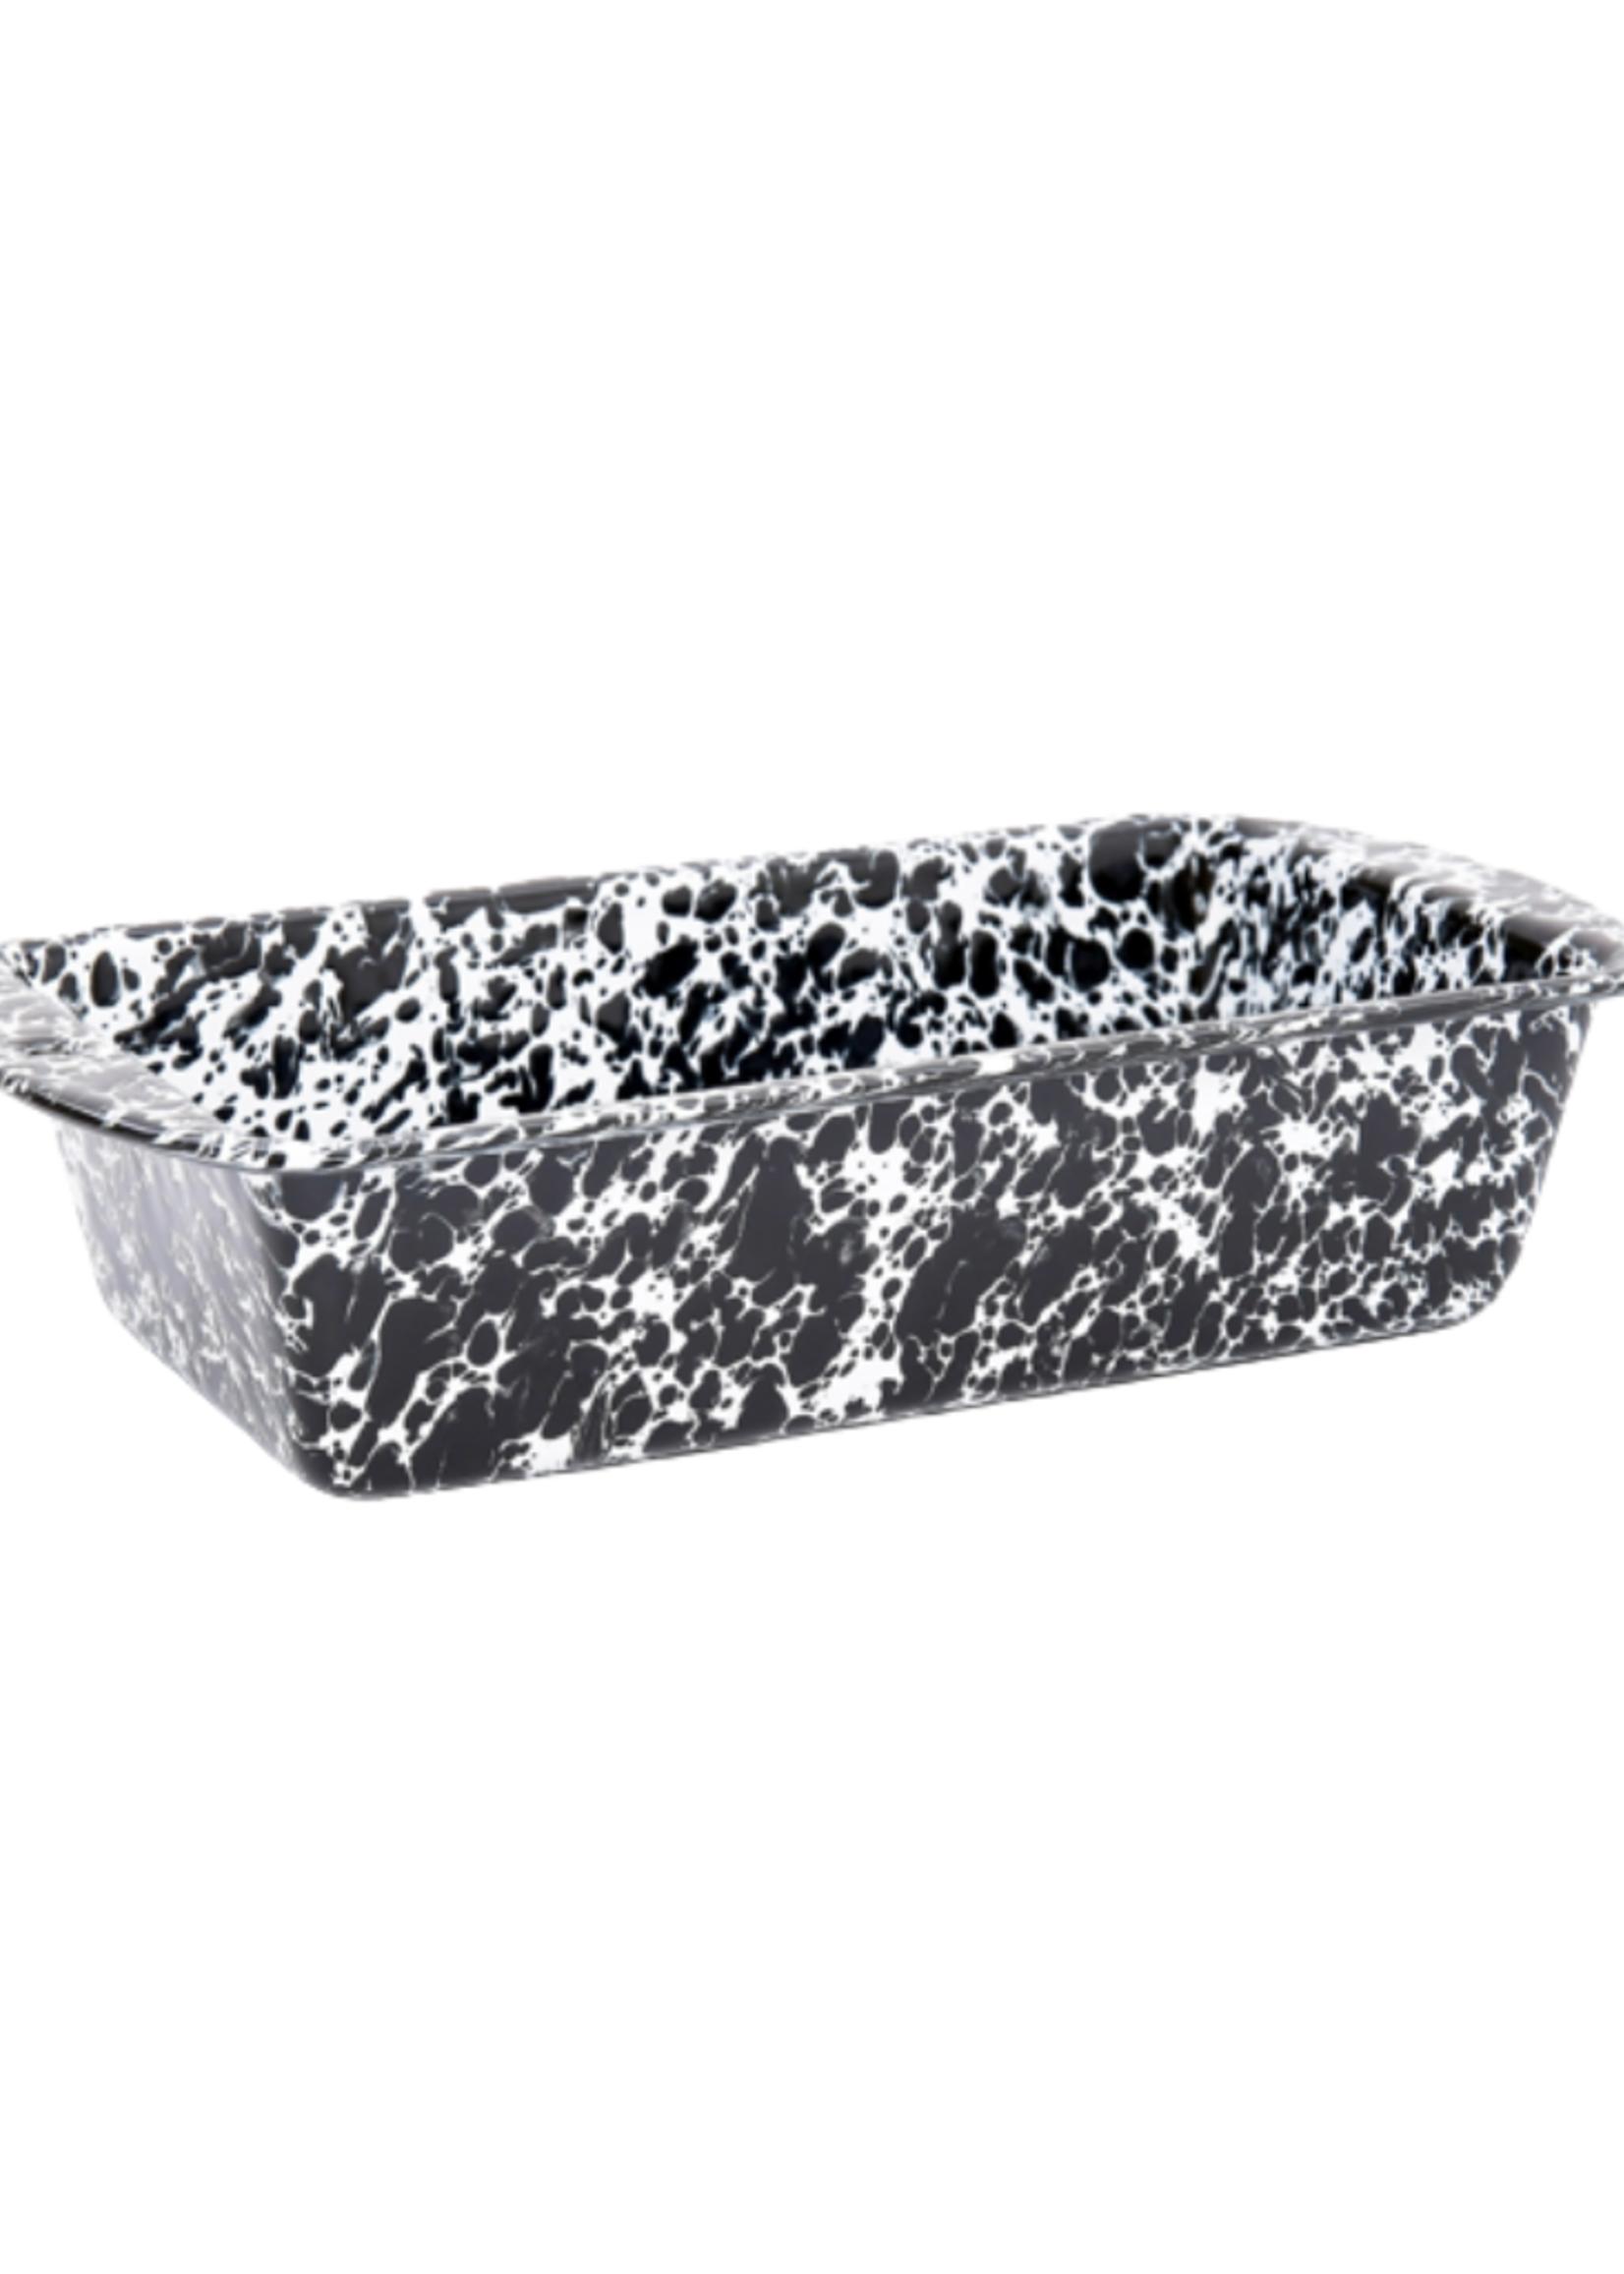 Splatter Loaf Pan // Black Marble